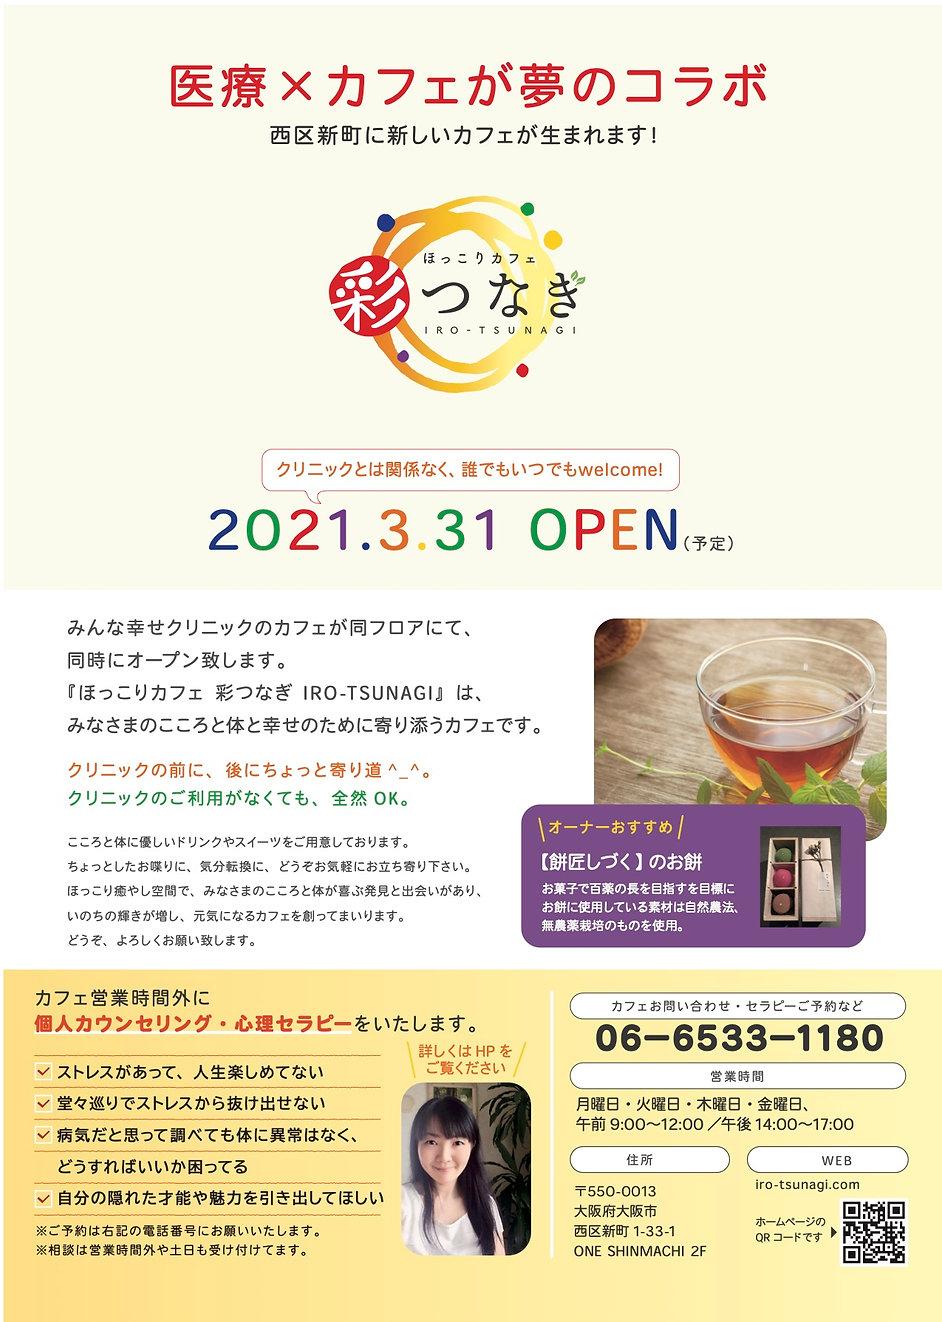 彩つなぎOPENチラシ_ver02.jpg